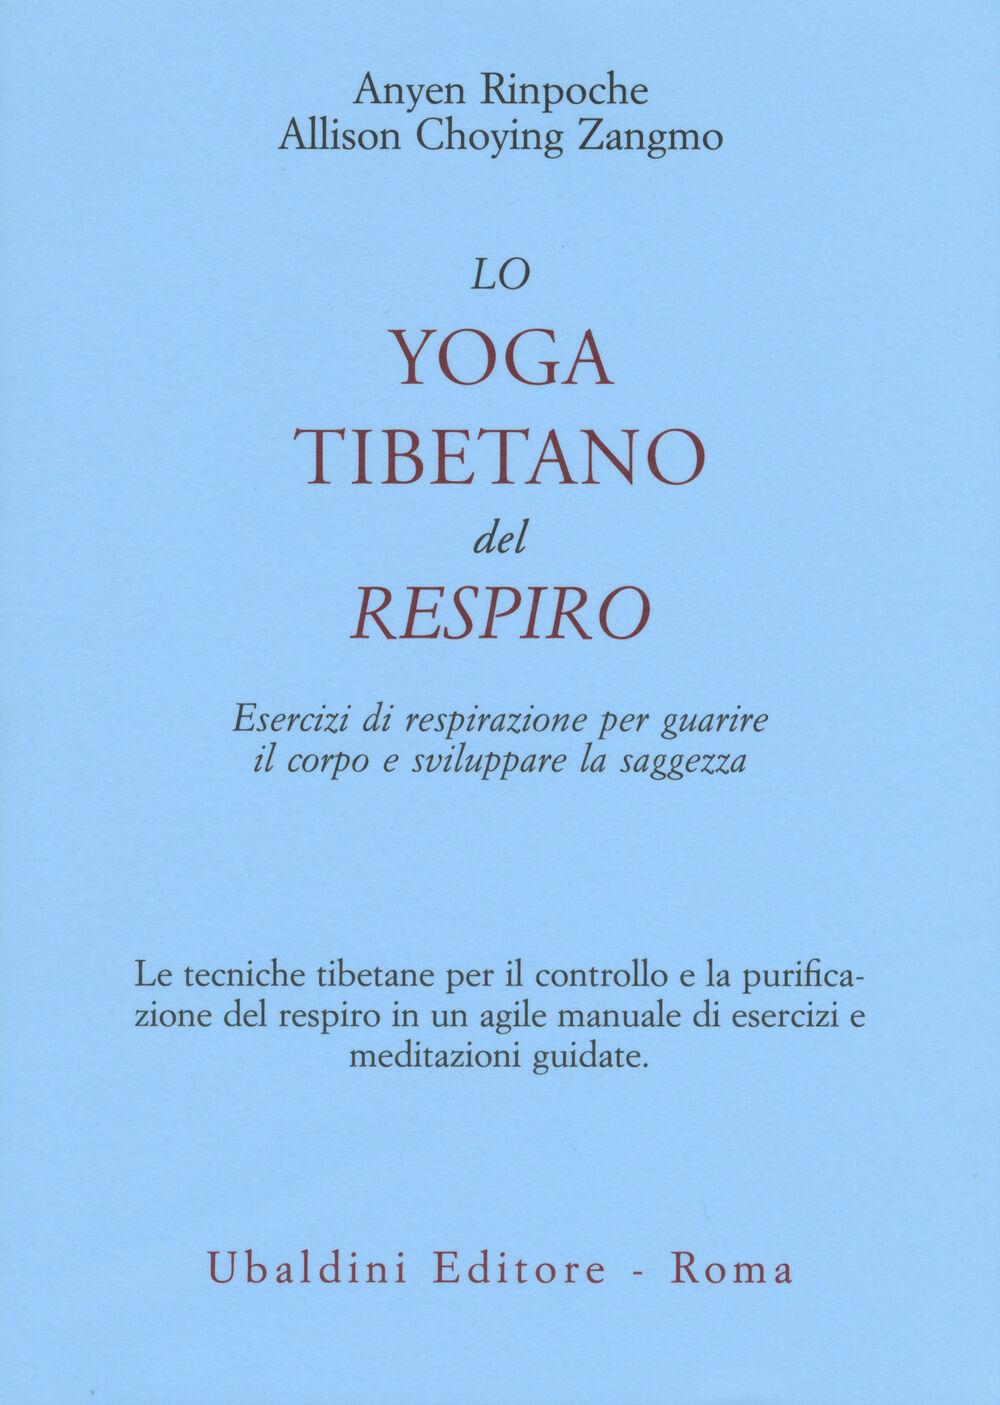 Lo yoga tibetano del respiro. Esercizi di respirazione per guarire il corpo e sviluppare la saggezza